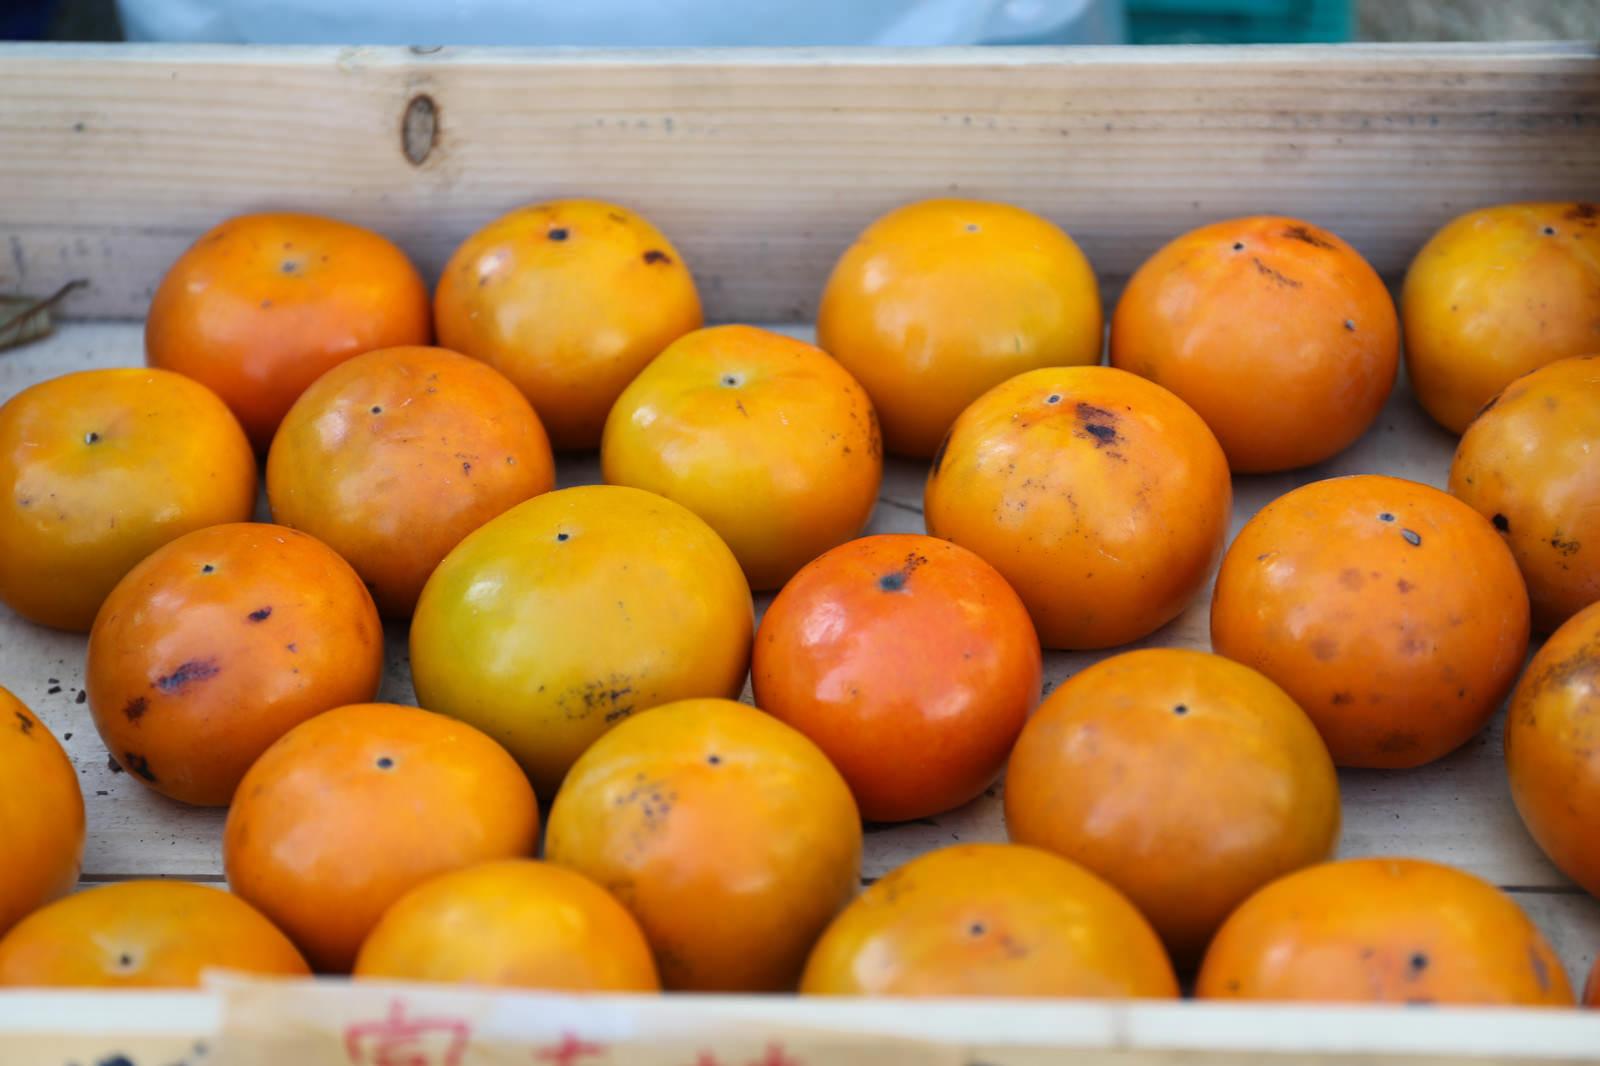 「木箱に入った柿」の写真